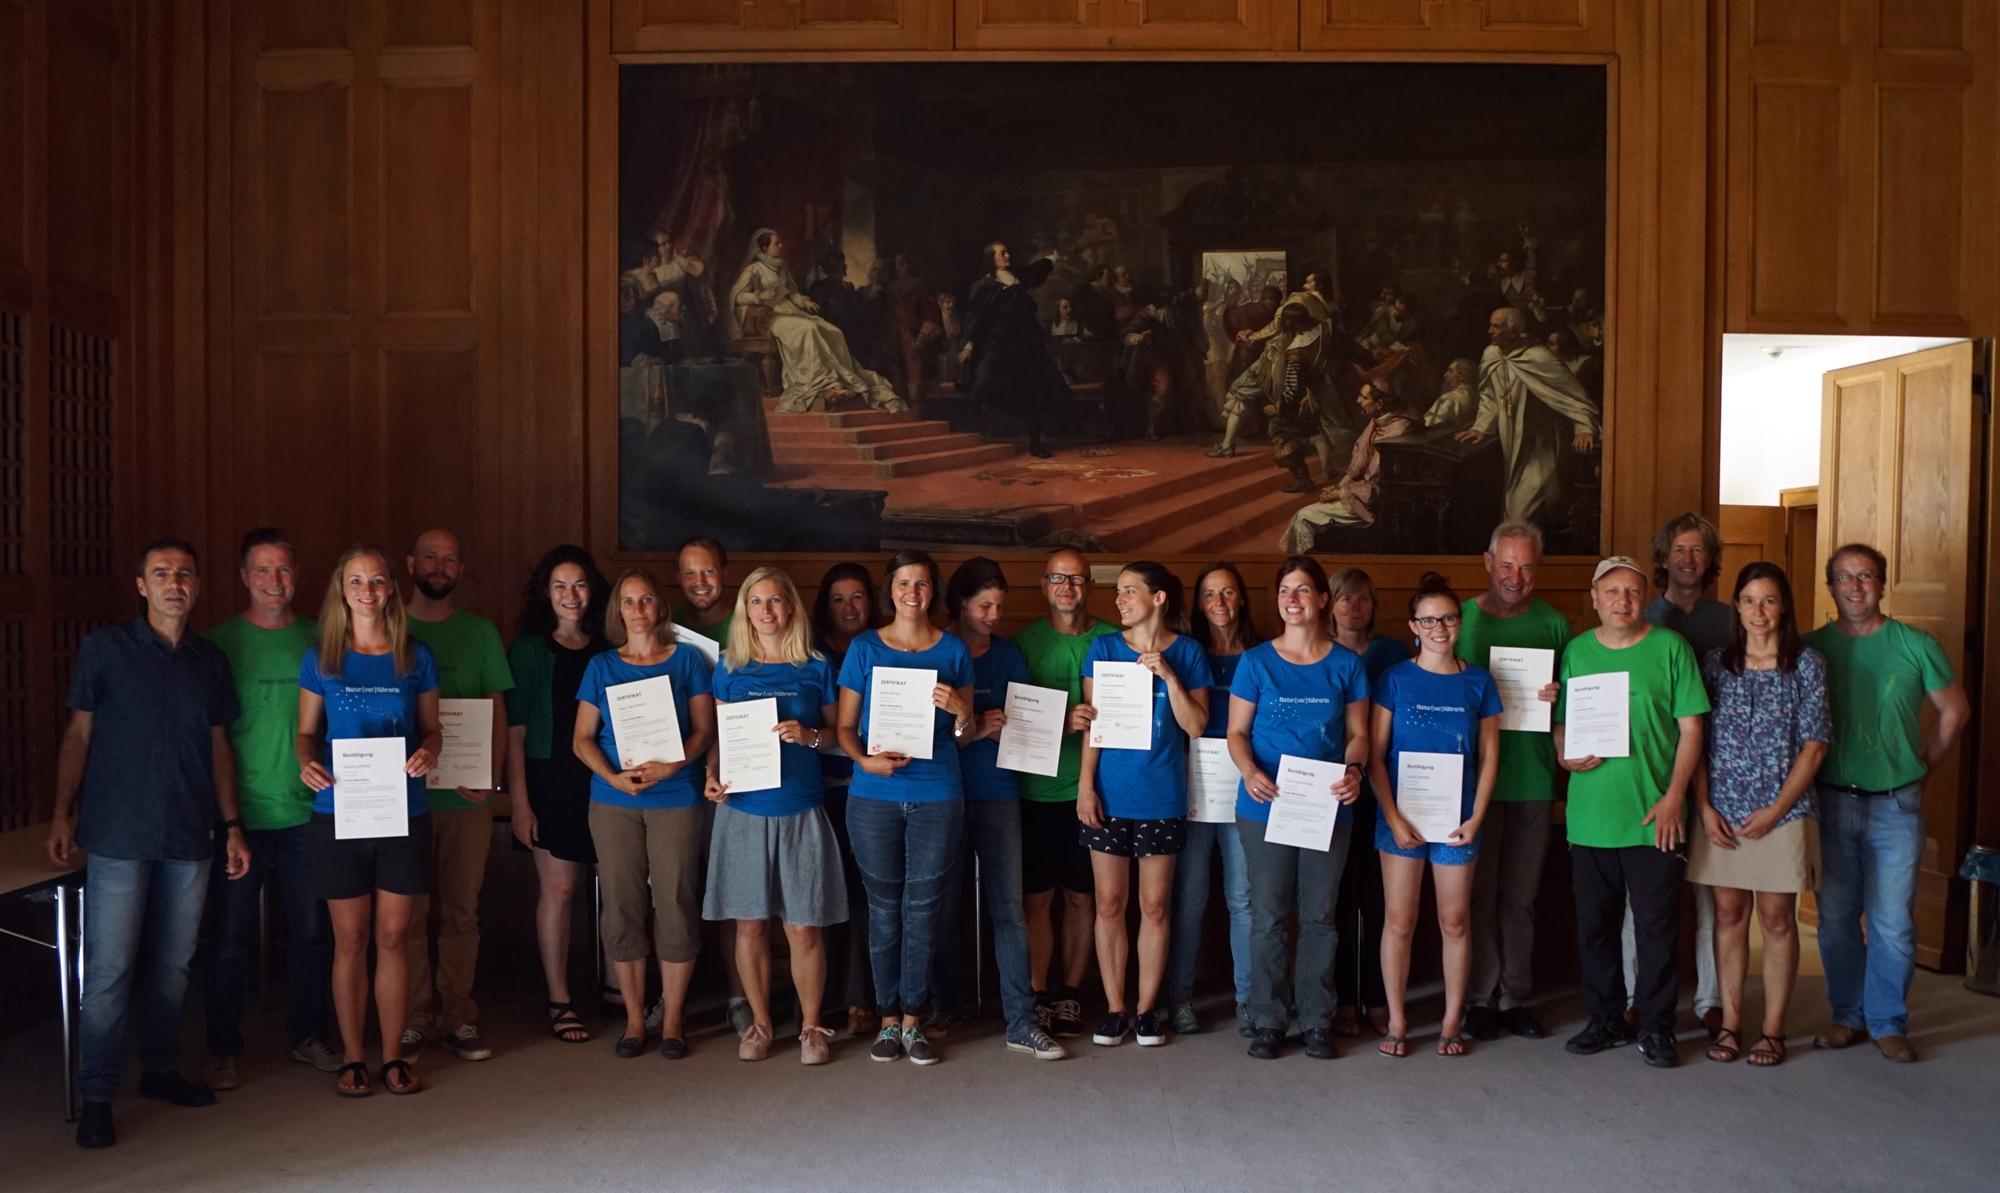 Naturführerkurs-Abschluss Im Landhaus – 7. Juli 2017